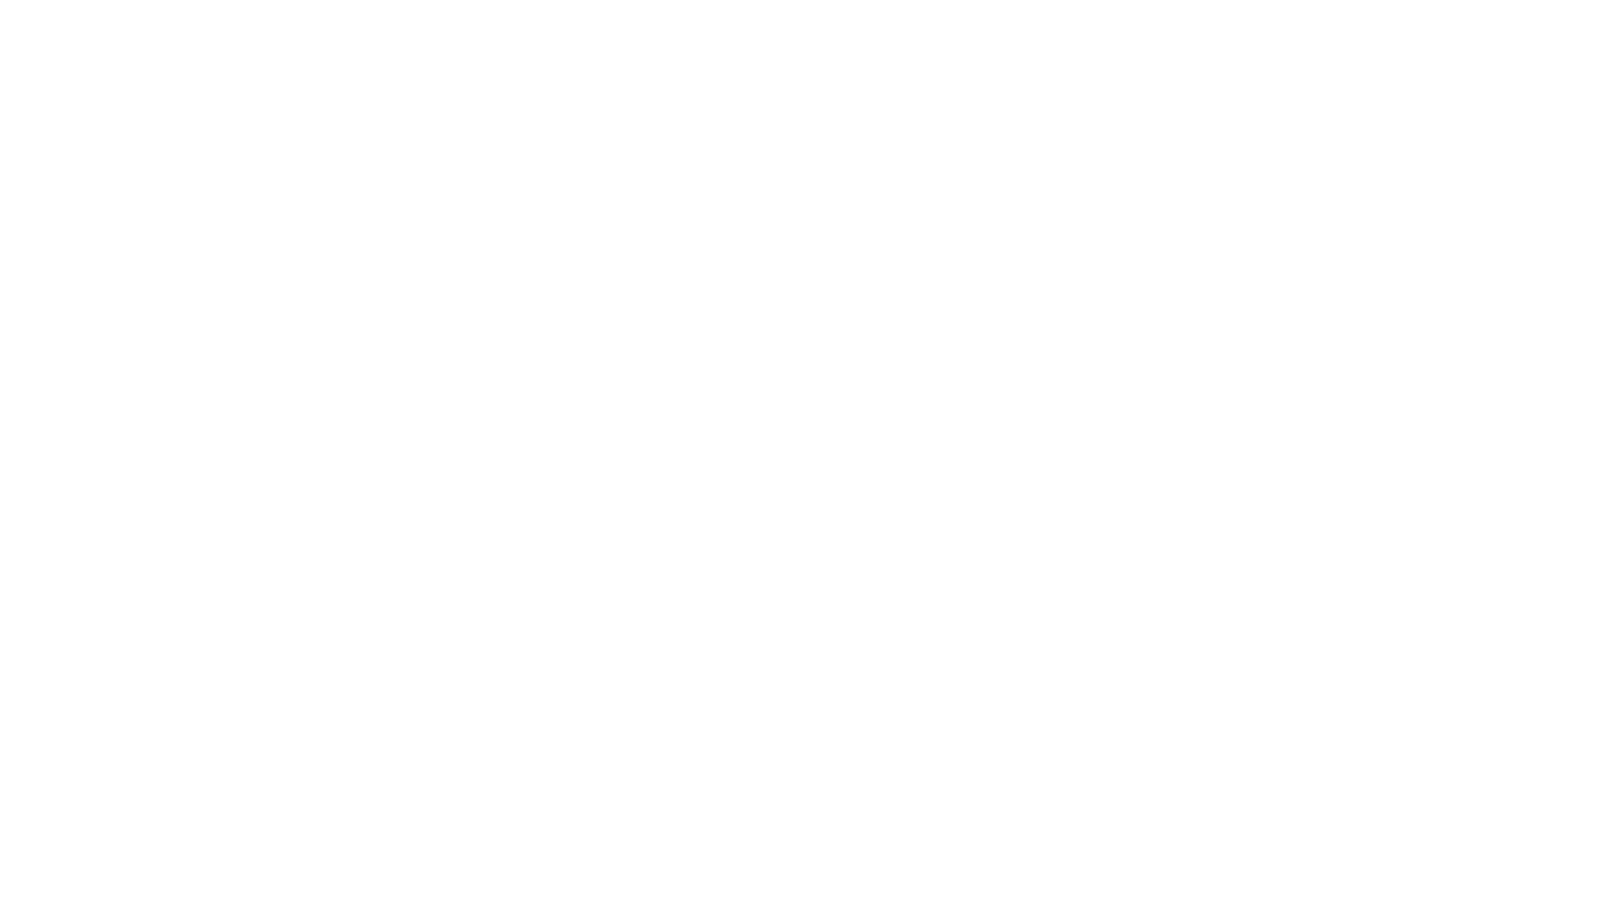 Confinement et Teletravail, les bonnes pratiques, comment s'équiper ? Dans ce reportage POLY et SFR nous présentent une des meilleures solutions audiovisuelles en 2021. Avec ses moyens techniques de haute qualité peu onéreux et simples d'utilisations. Cette solution audiovisuelle, répond enfin à l'exigence des bonnes pratiques du télétravail pour la gestion de notre vie privée et professionnelle tout en préservant le meilleur des 2 mondes du télétravail et du présentiel au bureau.